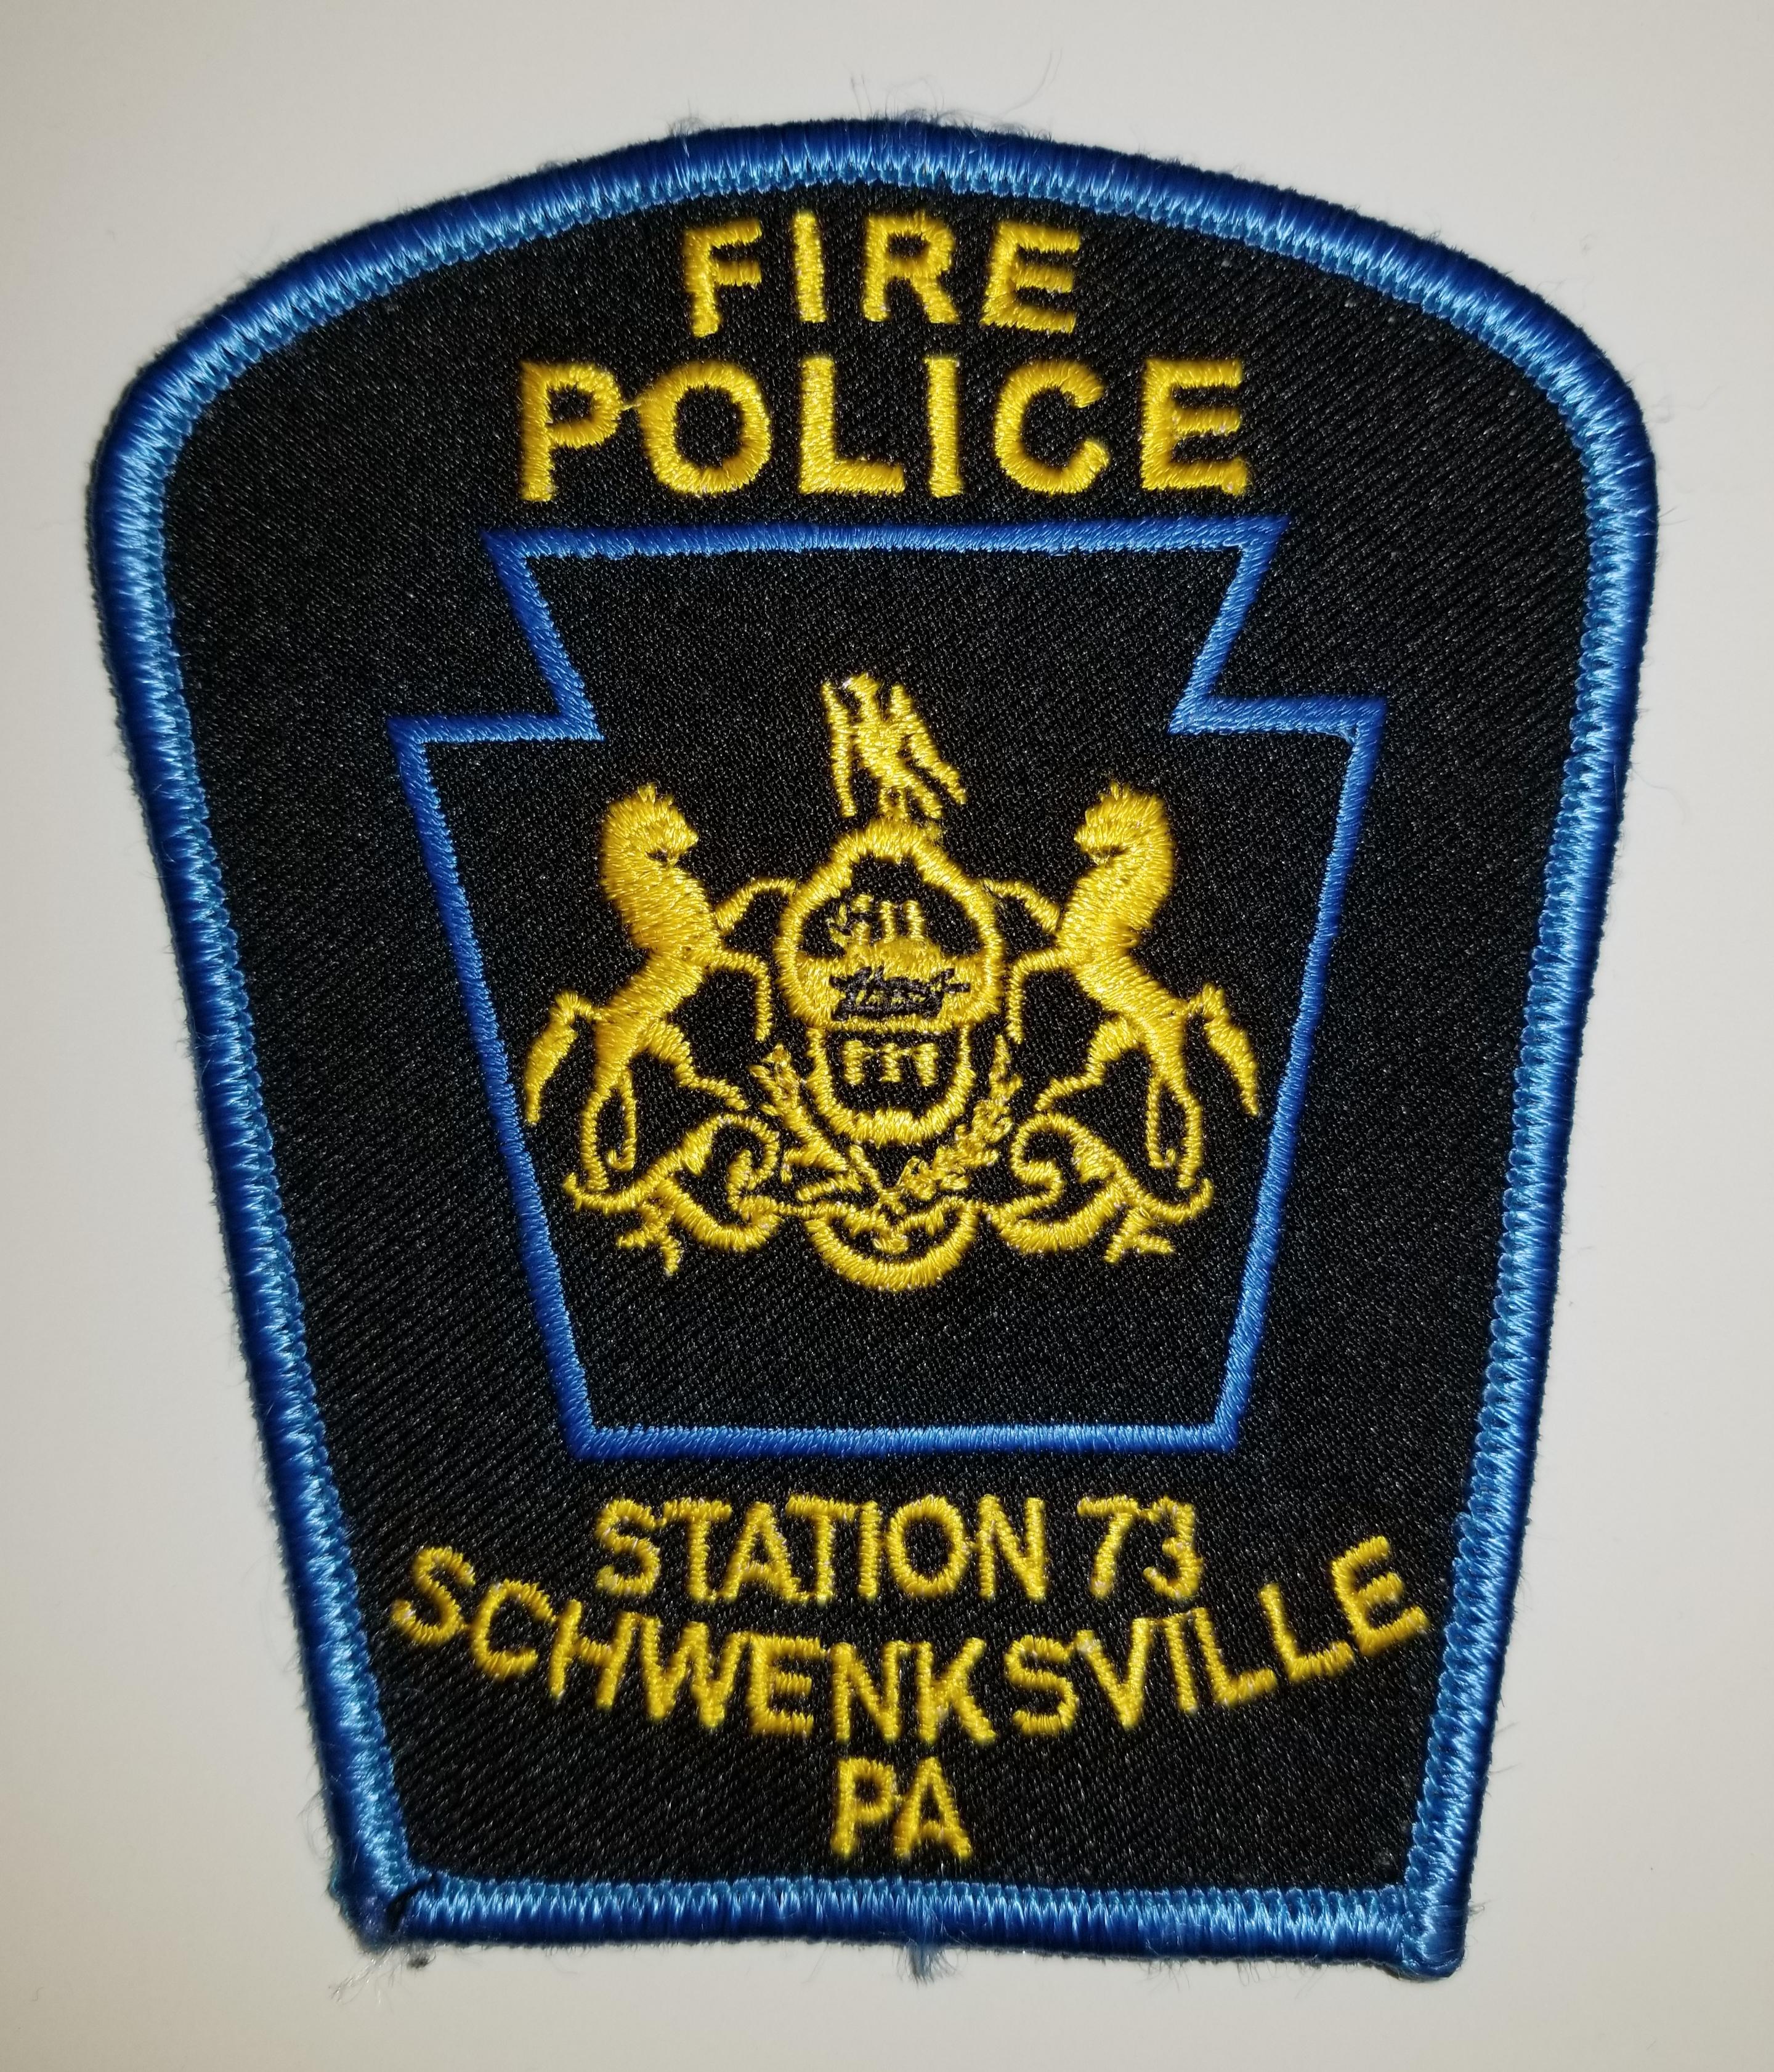 Schwenksville Fire Police